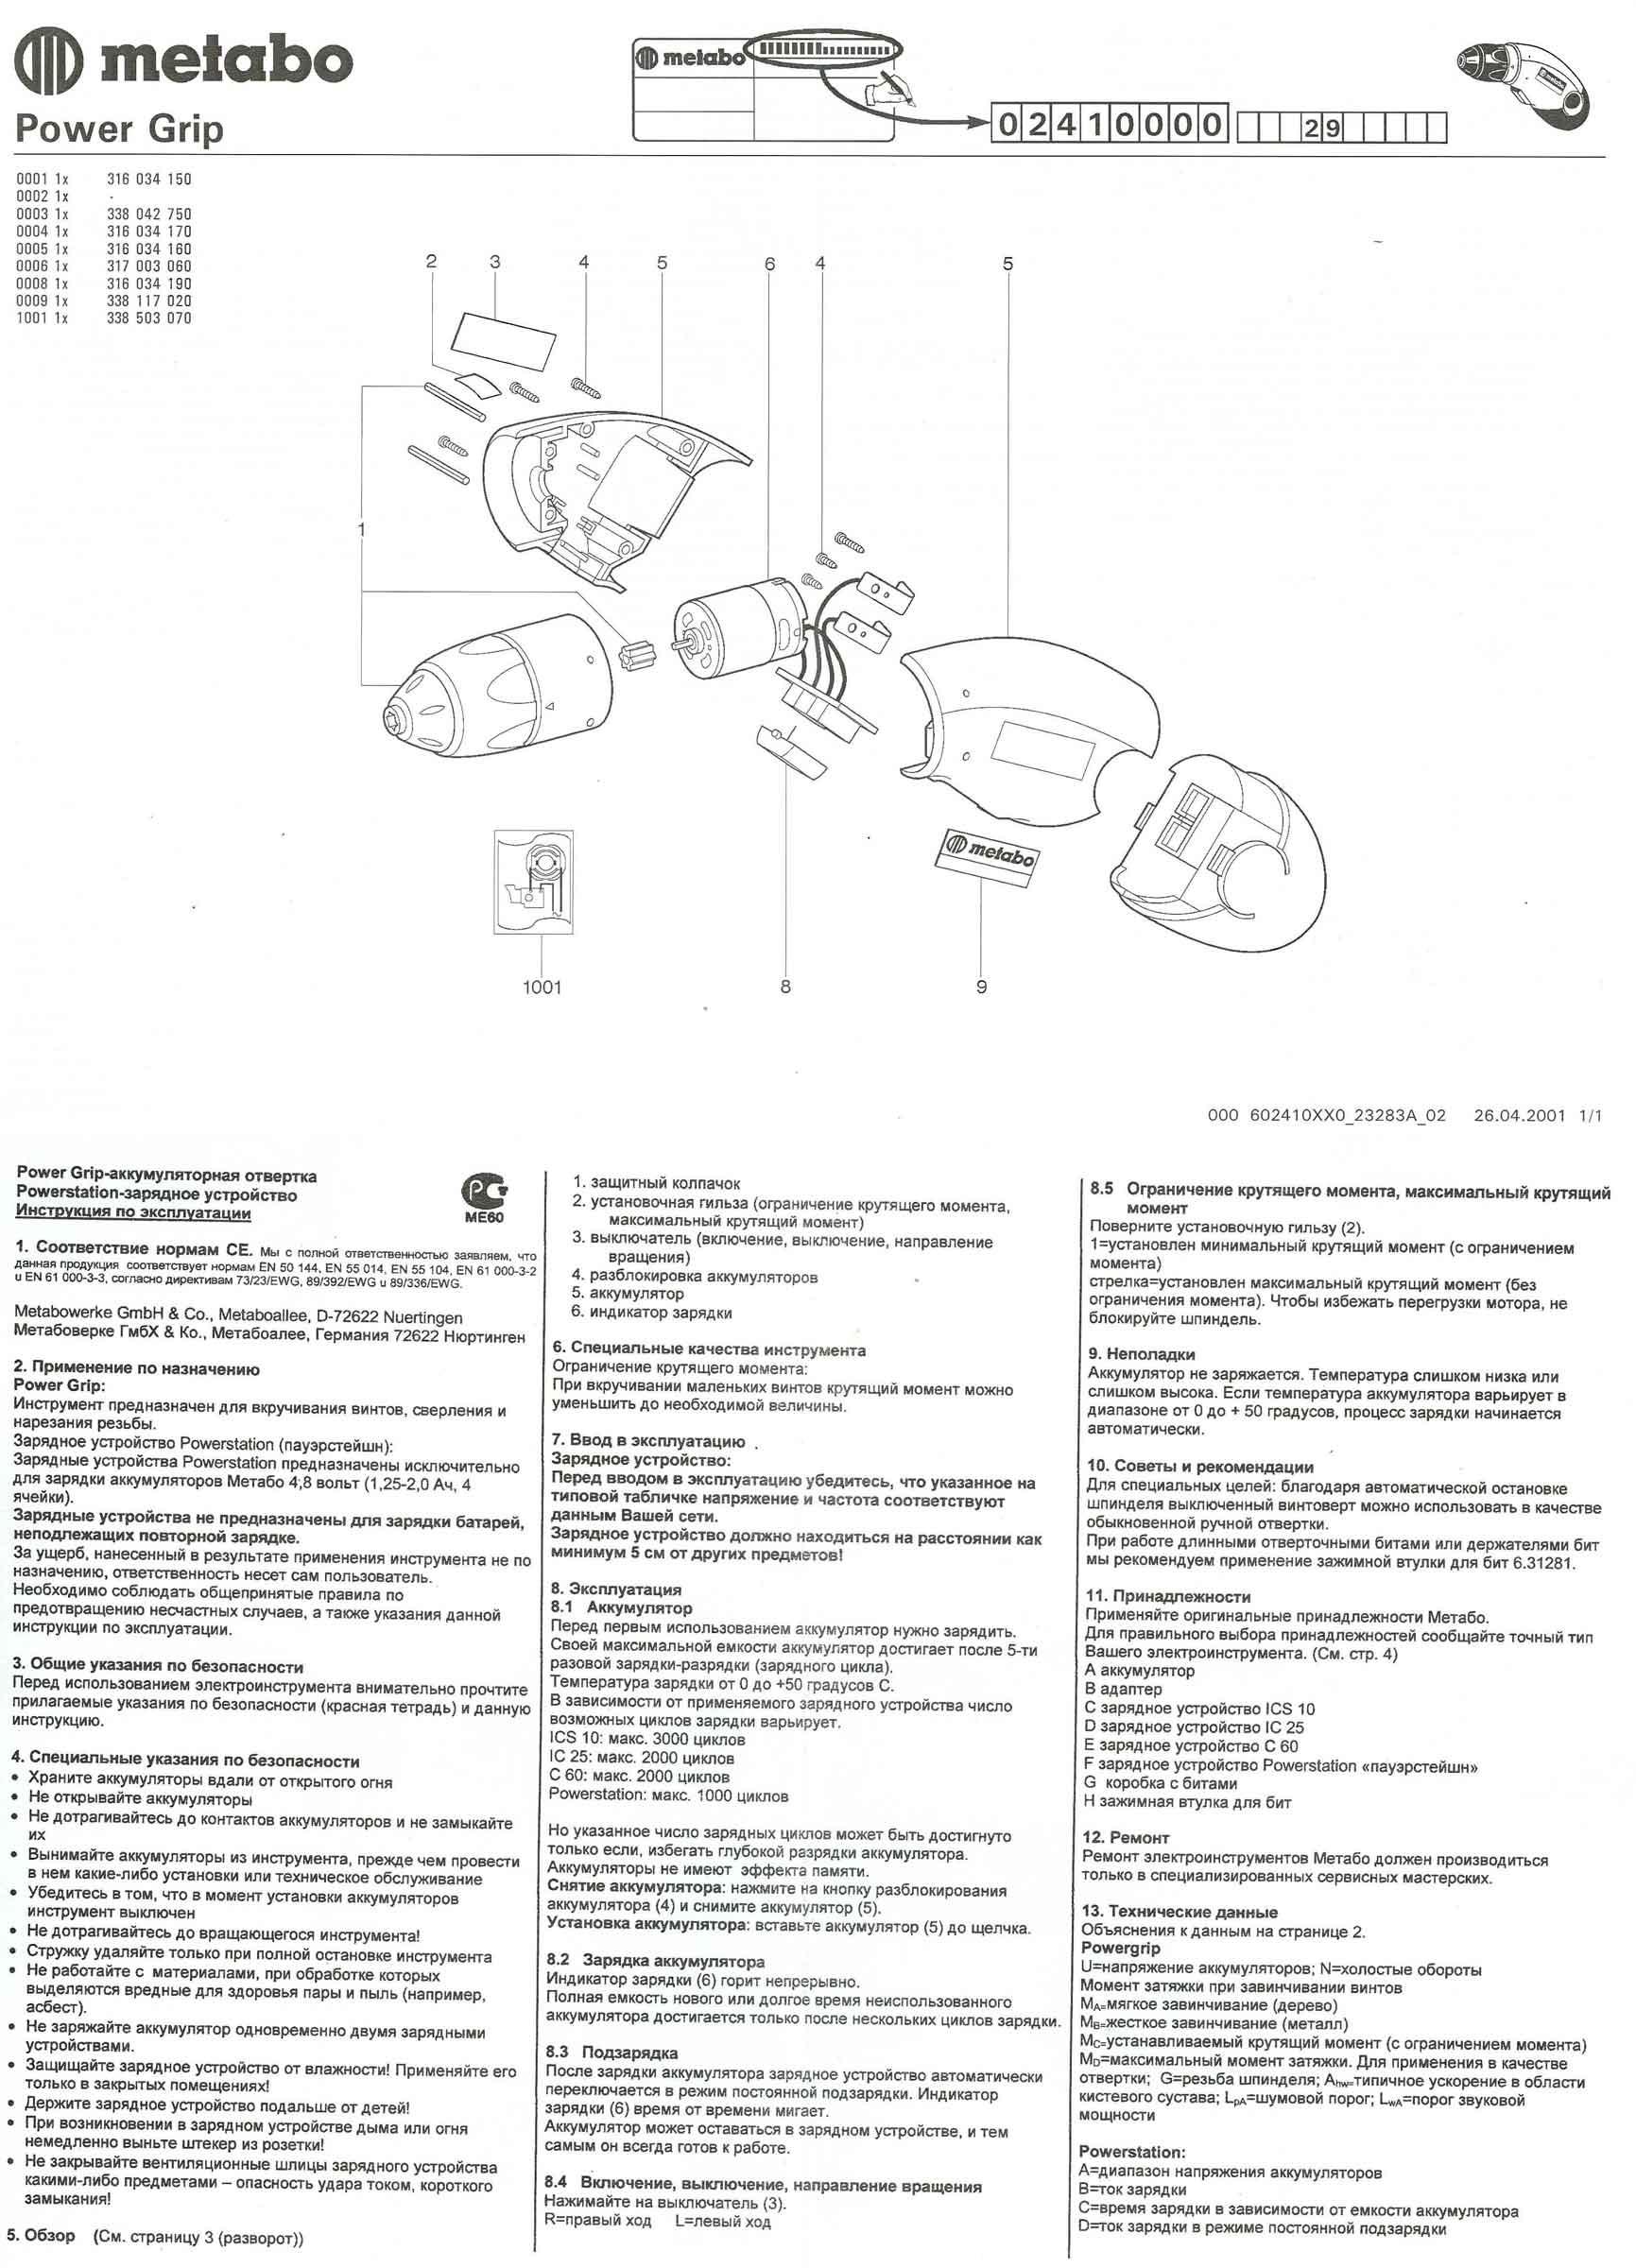 Инструкция по эксплуатации сварочного аппарата